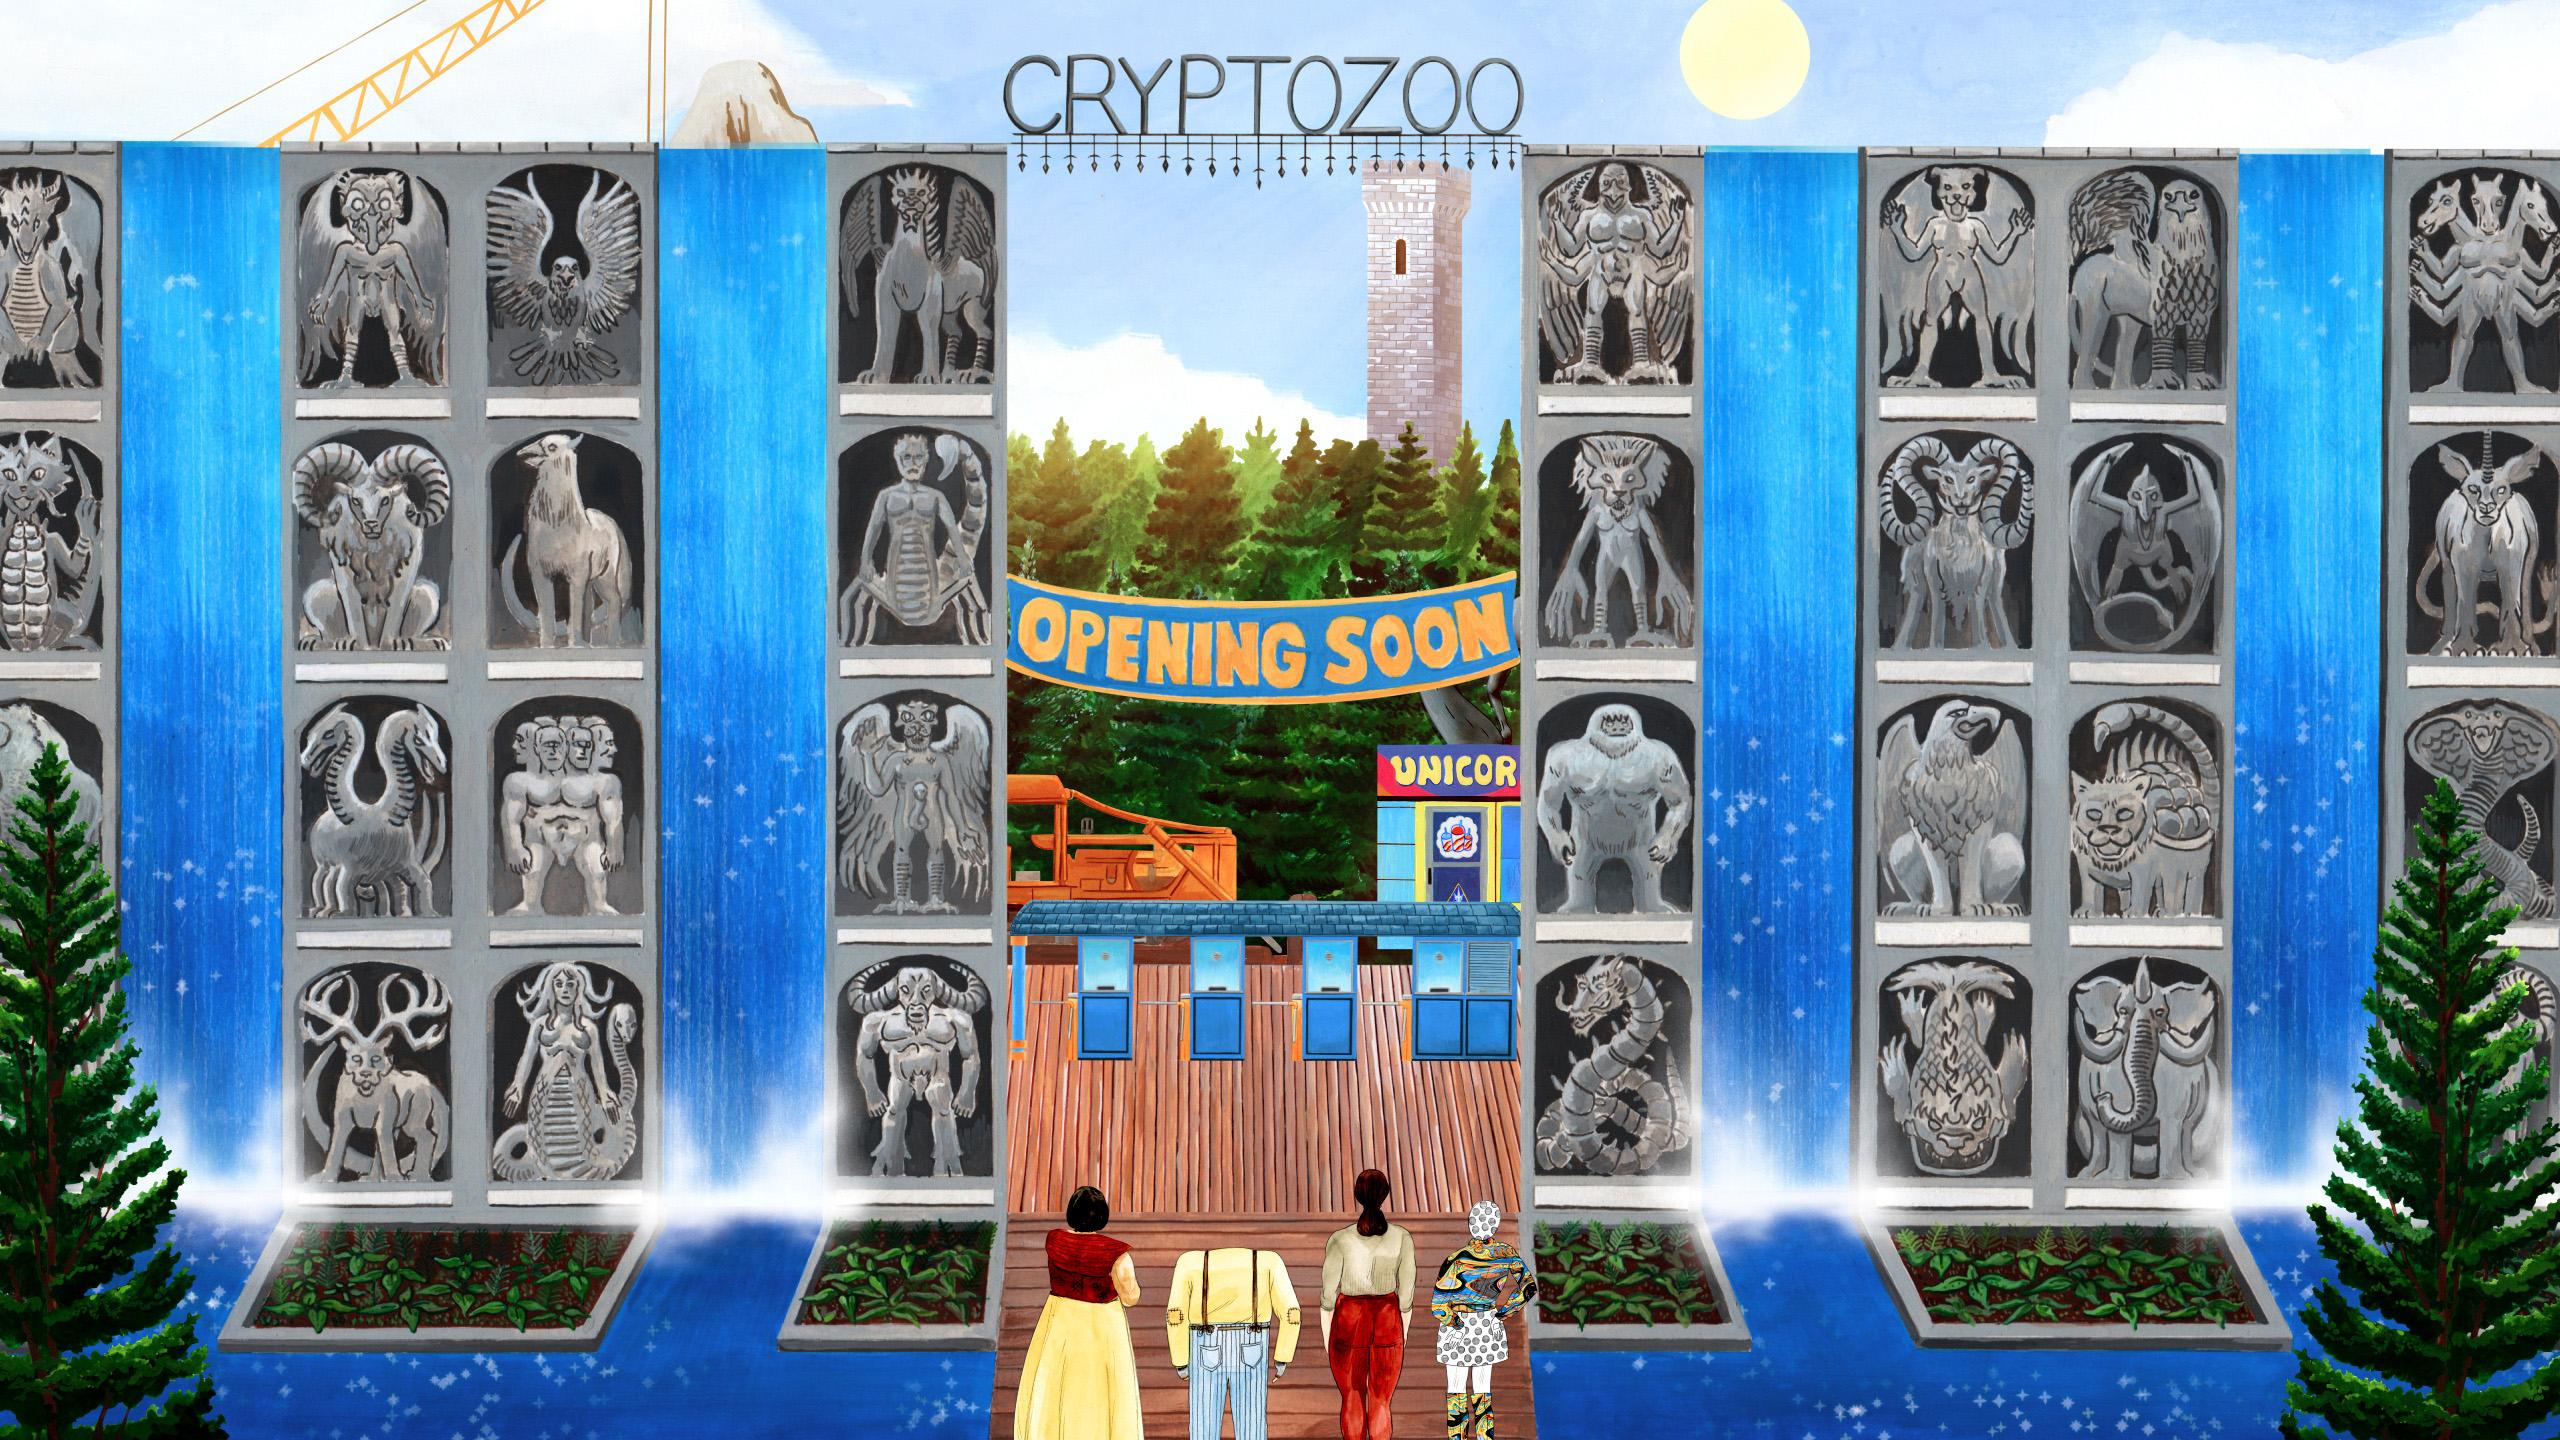 Peli o manta. Cryptozoo. Imagen destacada